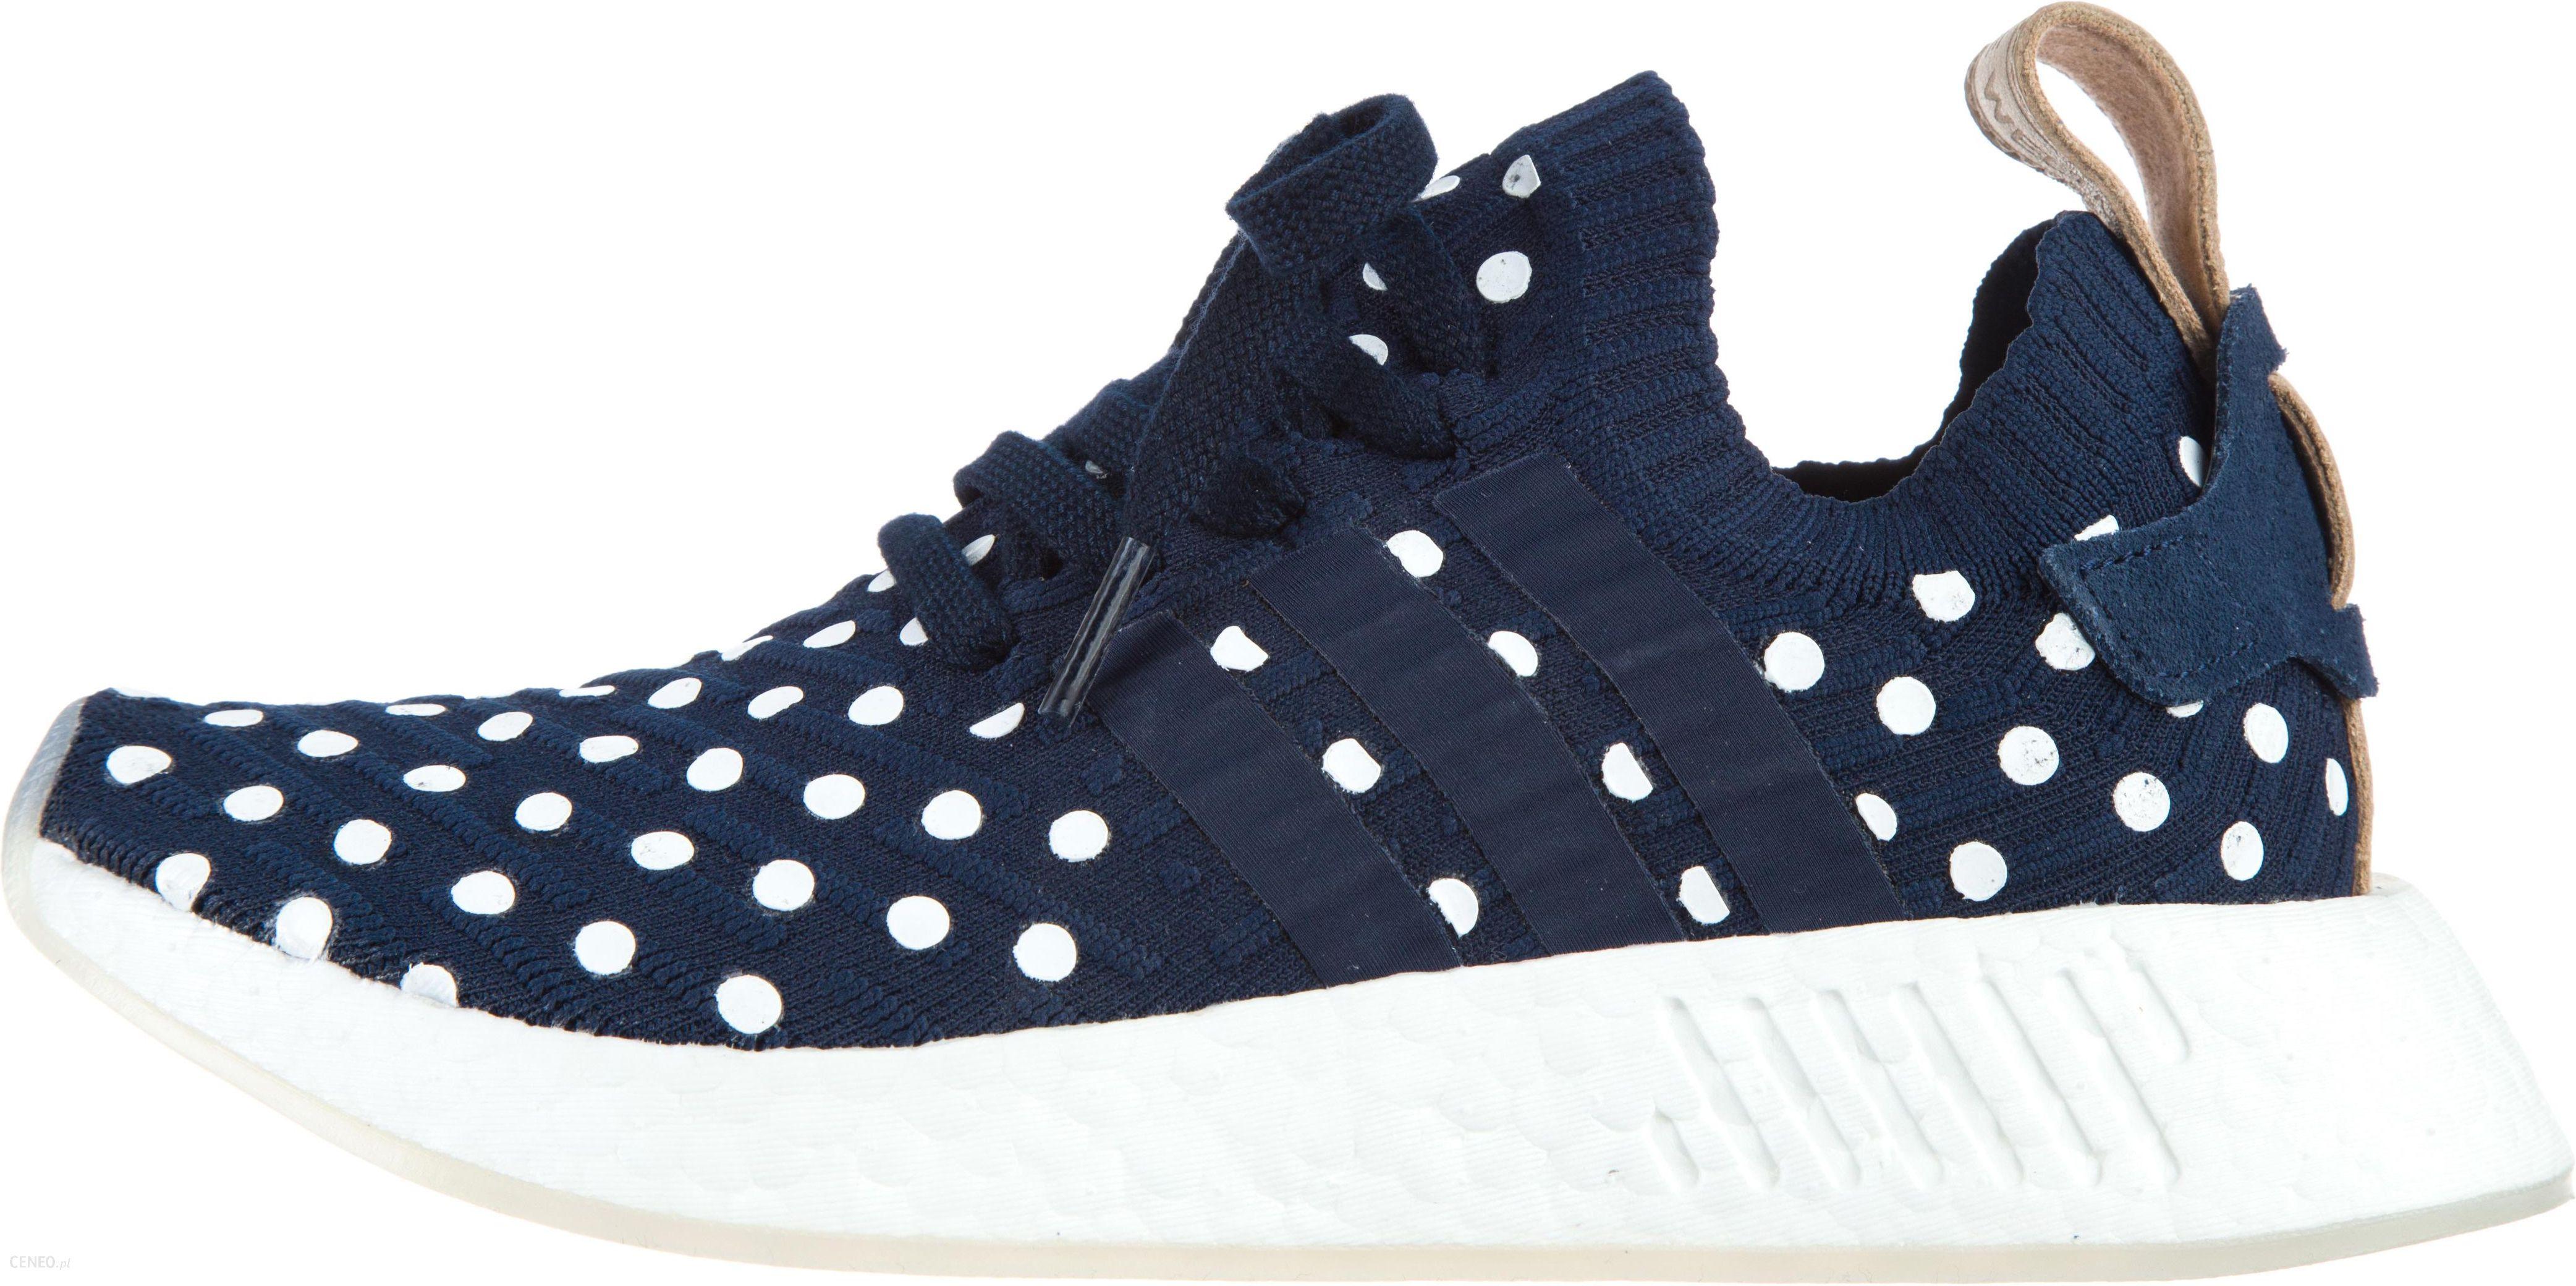 1c8ceb1712fdc Adidas Originals NMD_R2 Tenisówki Niebieski 37 1/3 - Ceny i opinie ...